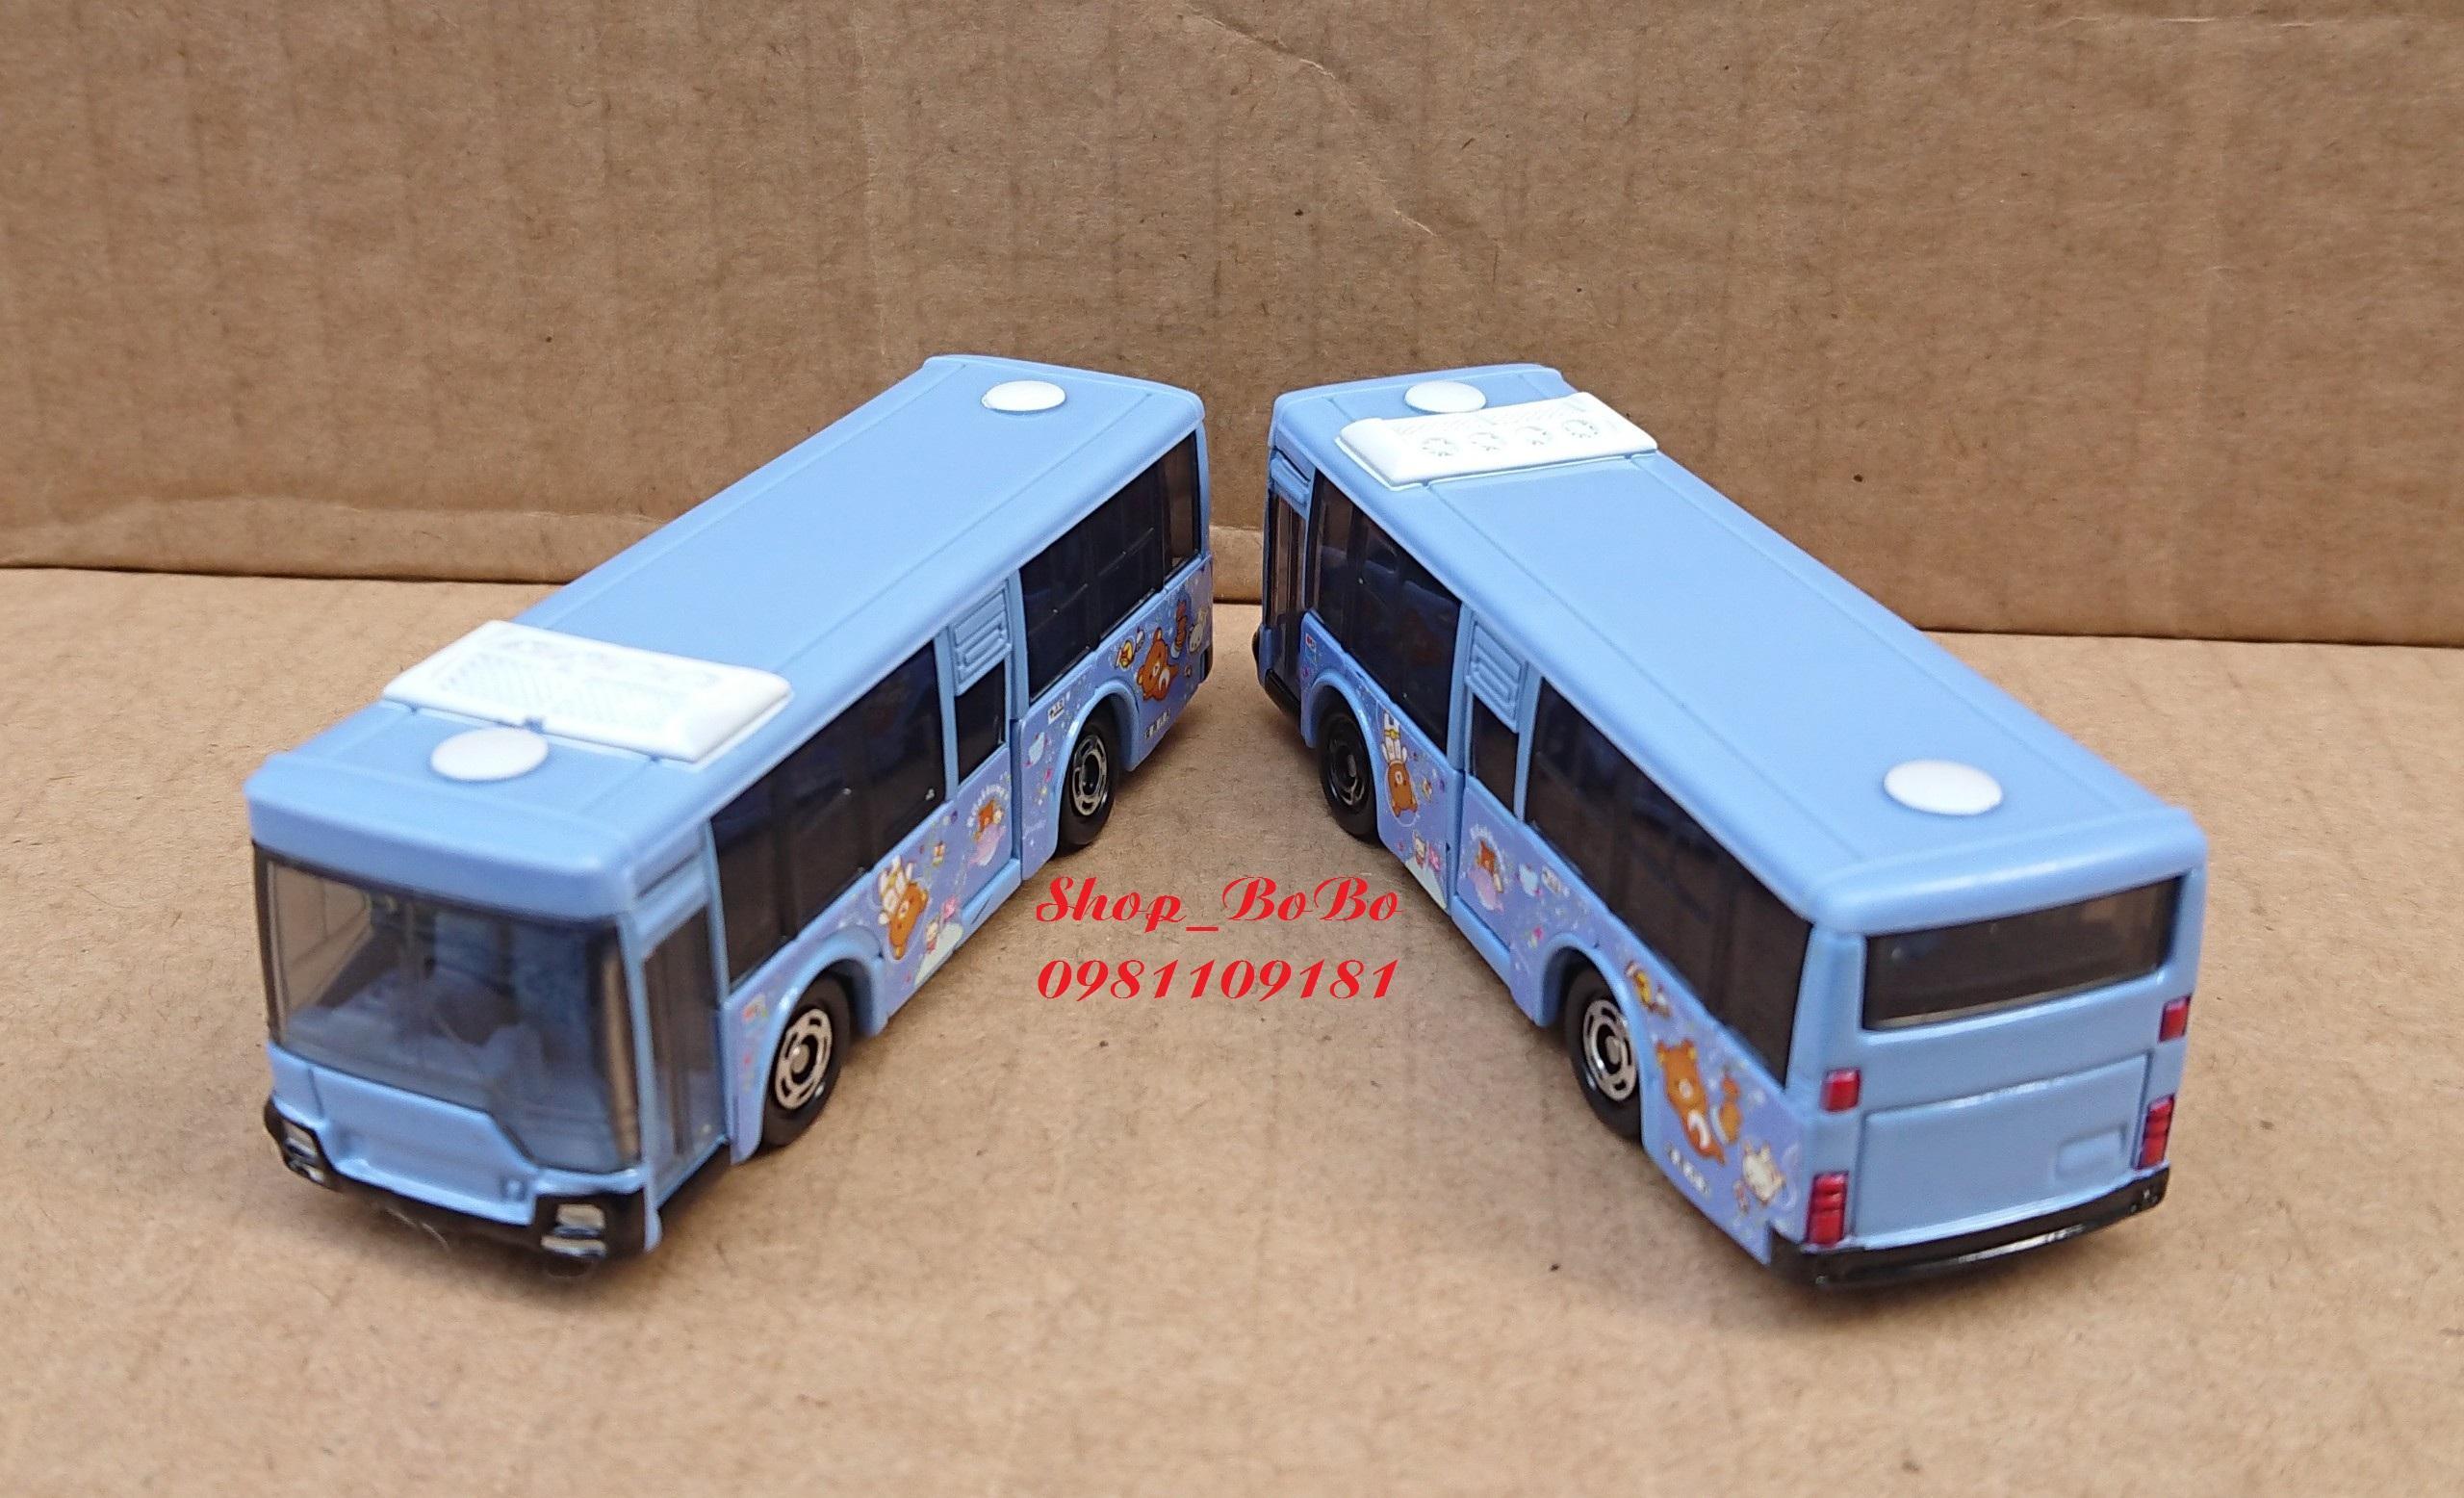 Tiết Kiệm Cực Đã Khi Mua Xe Mô Hình Tomica - Xe Bus Mitsubishi Fuso Màu Xanh